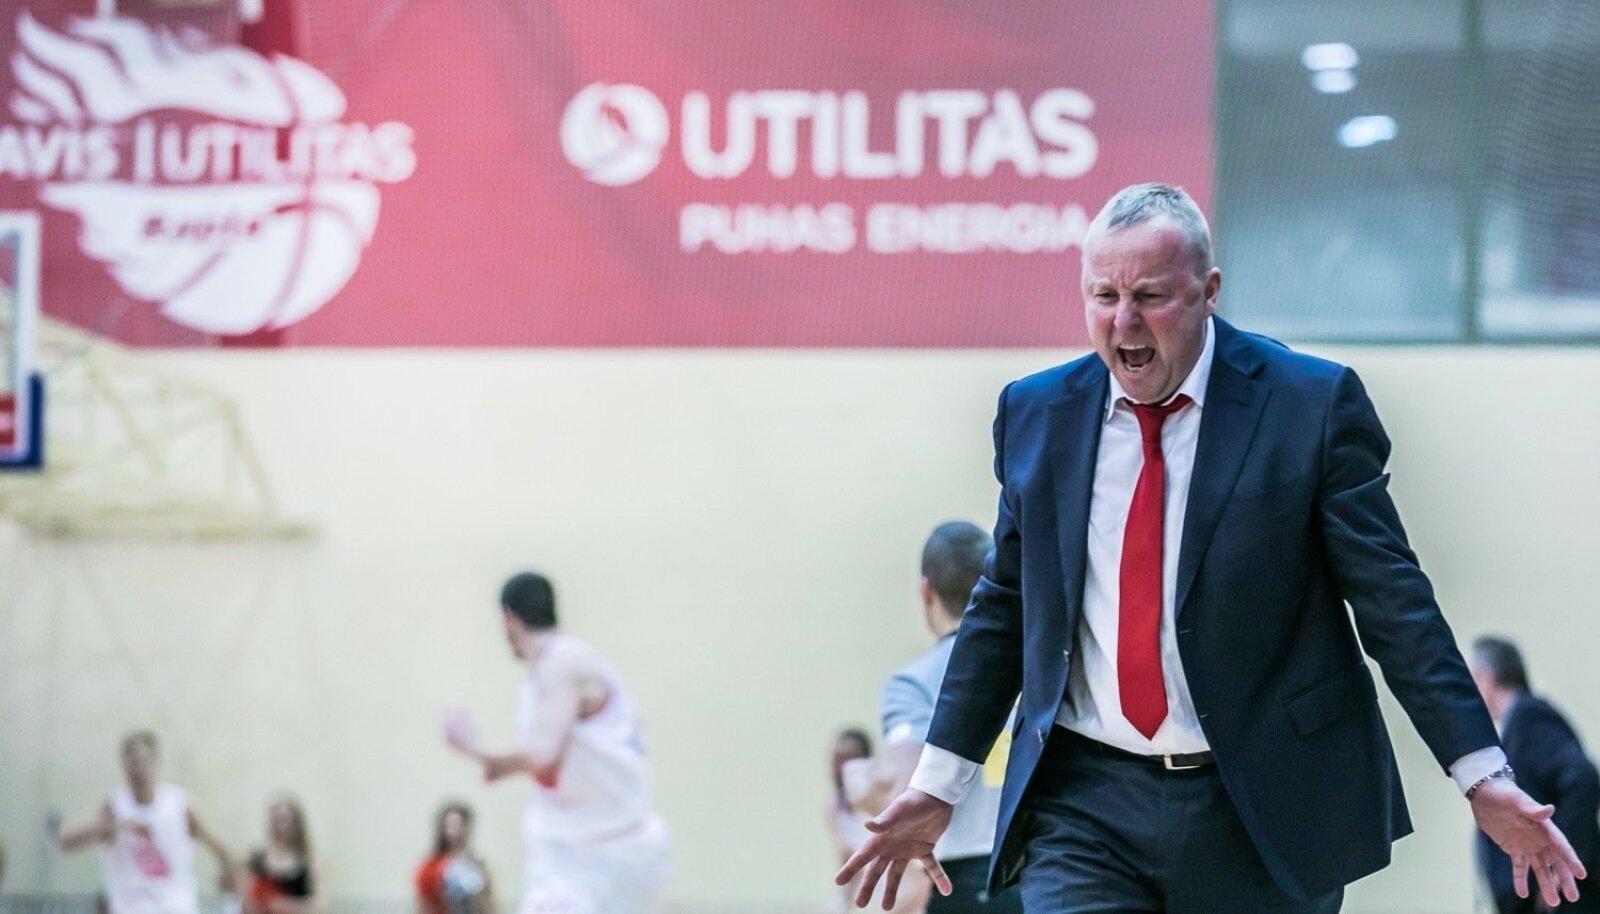 Avis Utilitas Rapla peatreener Aivar Kuusmaa.